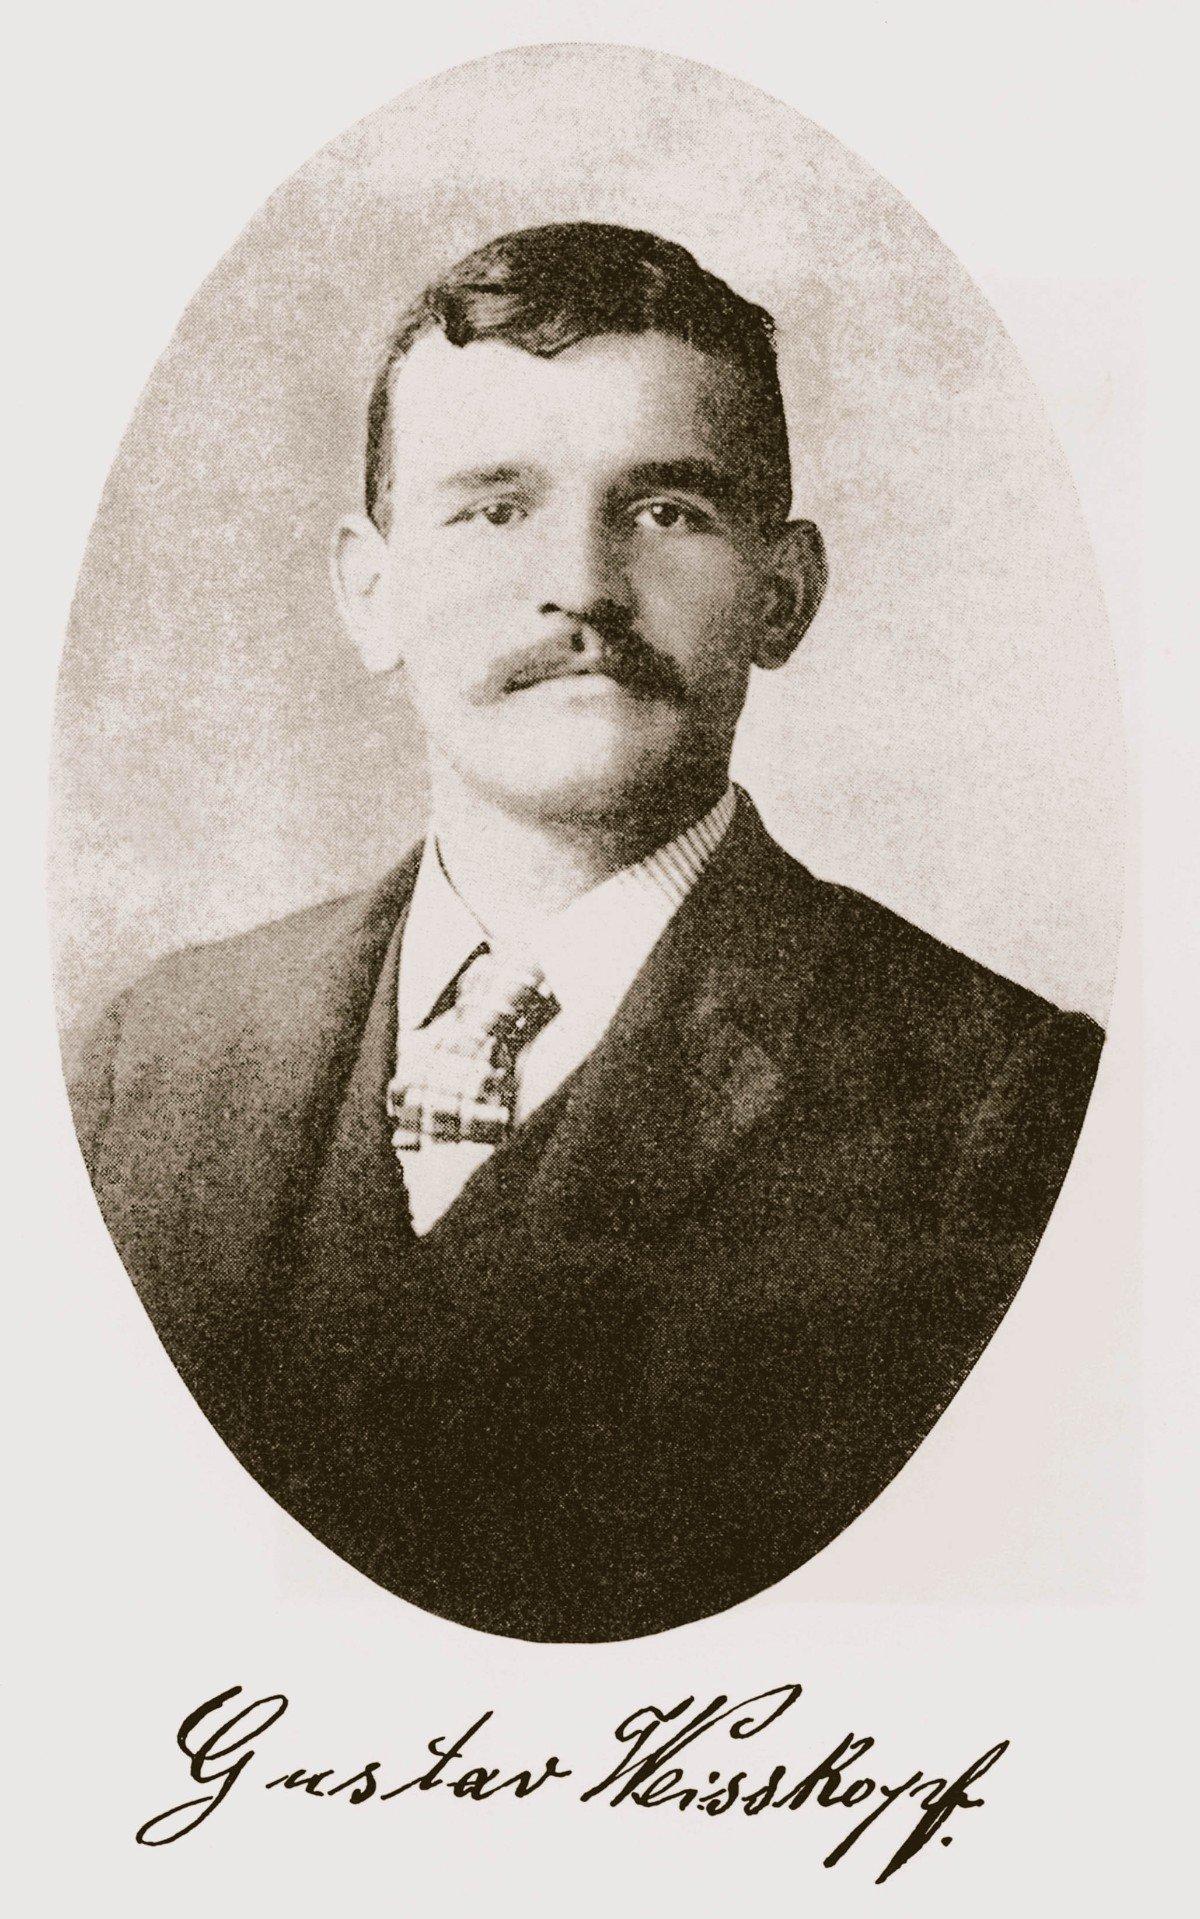 FFGW Gustav Weisskopf portrait Karl Heigold Gustave Whitehead